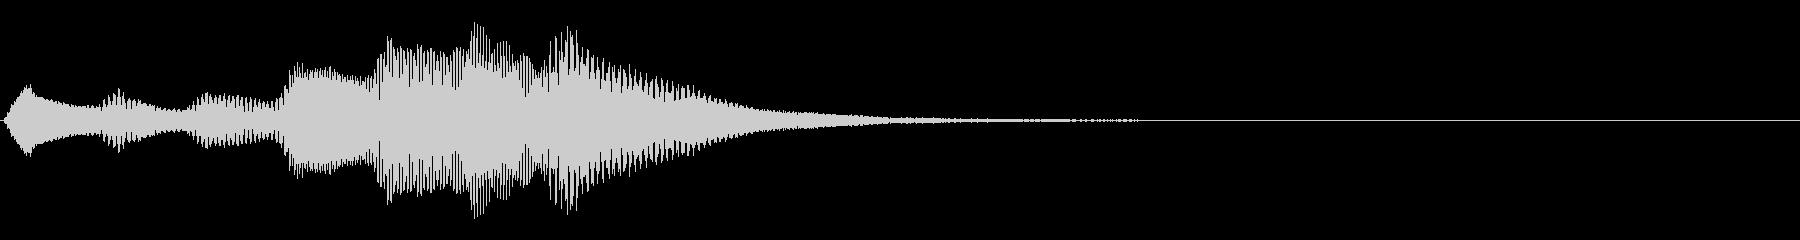 キラキラ駆け上がる音_場面転換の定番の未再生の波形